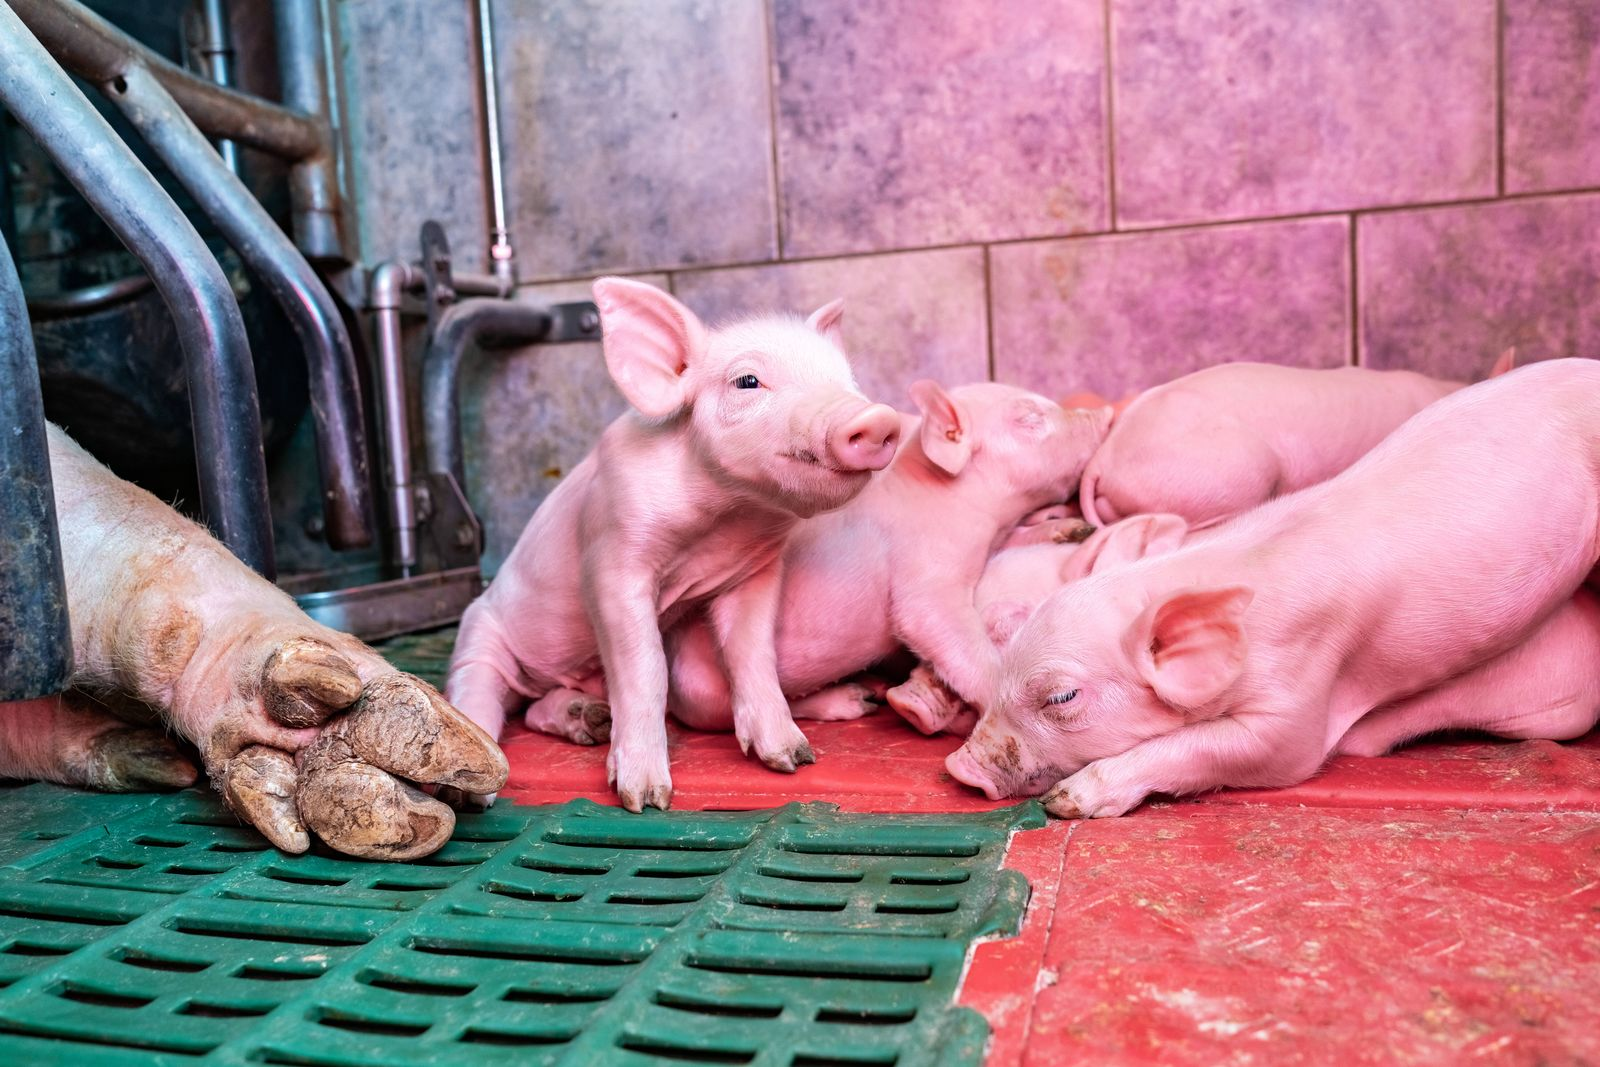 Agrarmotive aus dem Schweinestall - niedliche Ferkel im beheizten Nestbereich einer Abferkelbucht Niedliche Ferkel f¸hle